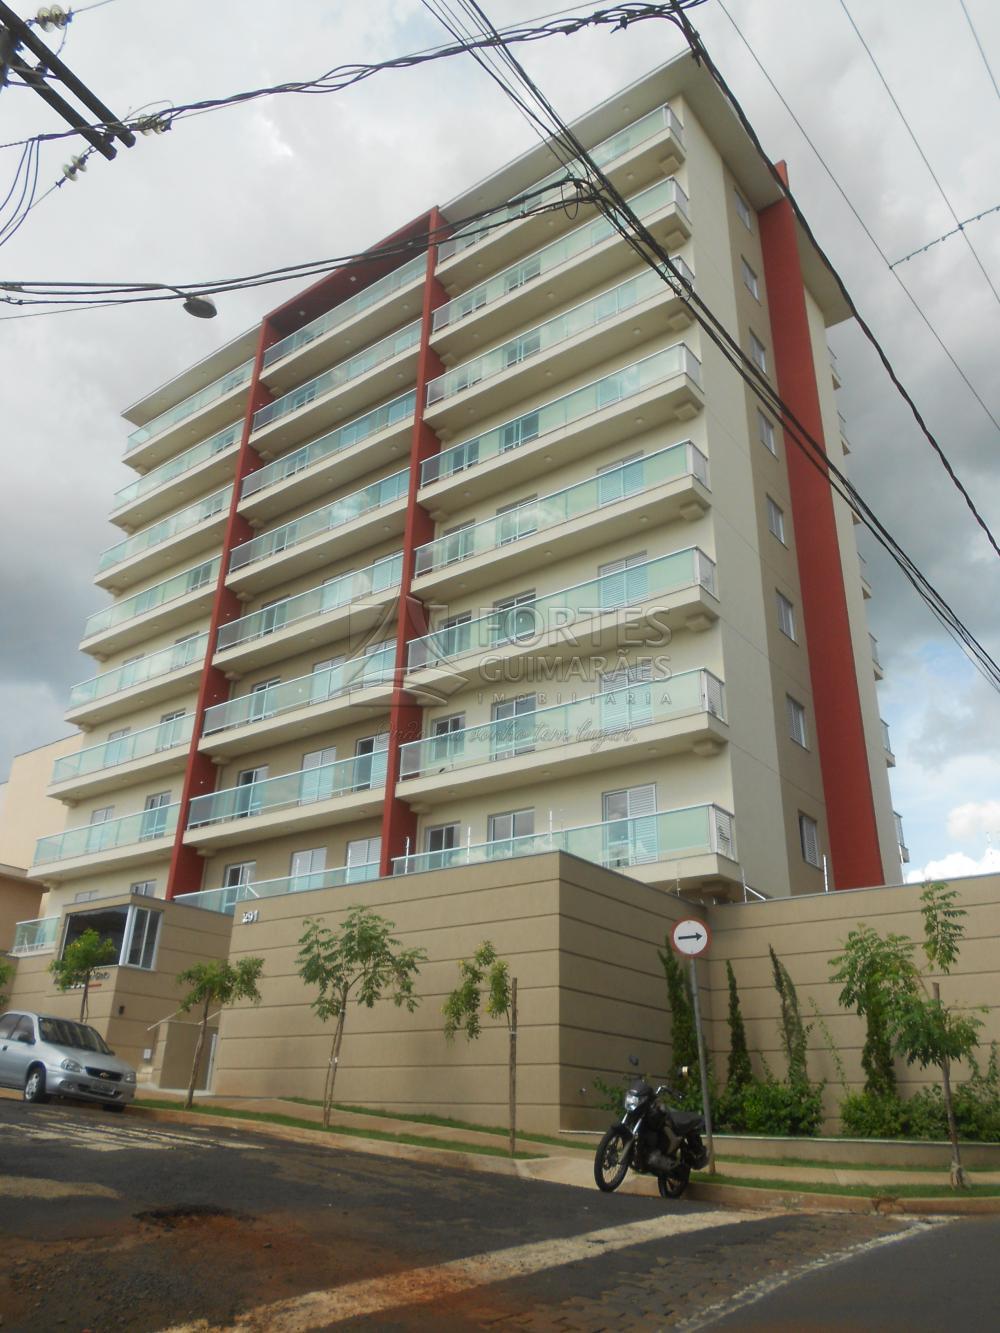 Alugar Apartamentos / Padrão em Ribeirão Preto apenas R$ 900,00 - Foto 1